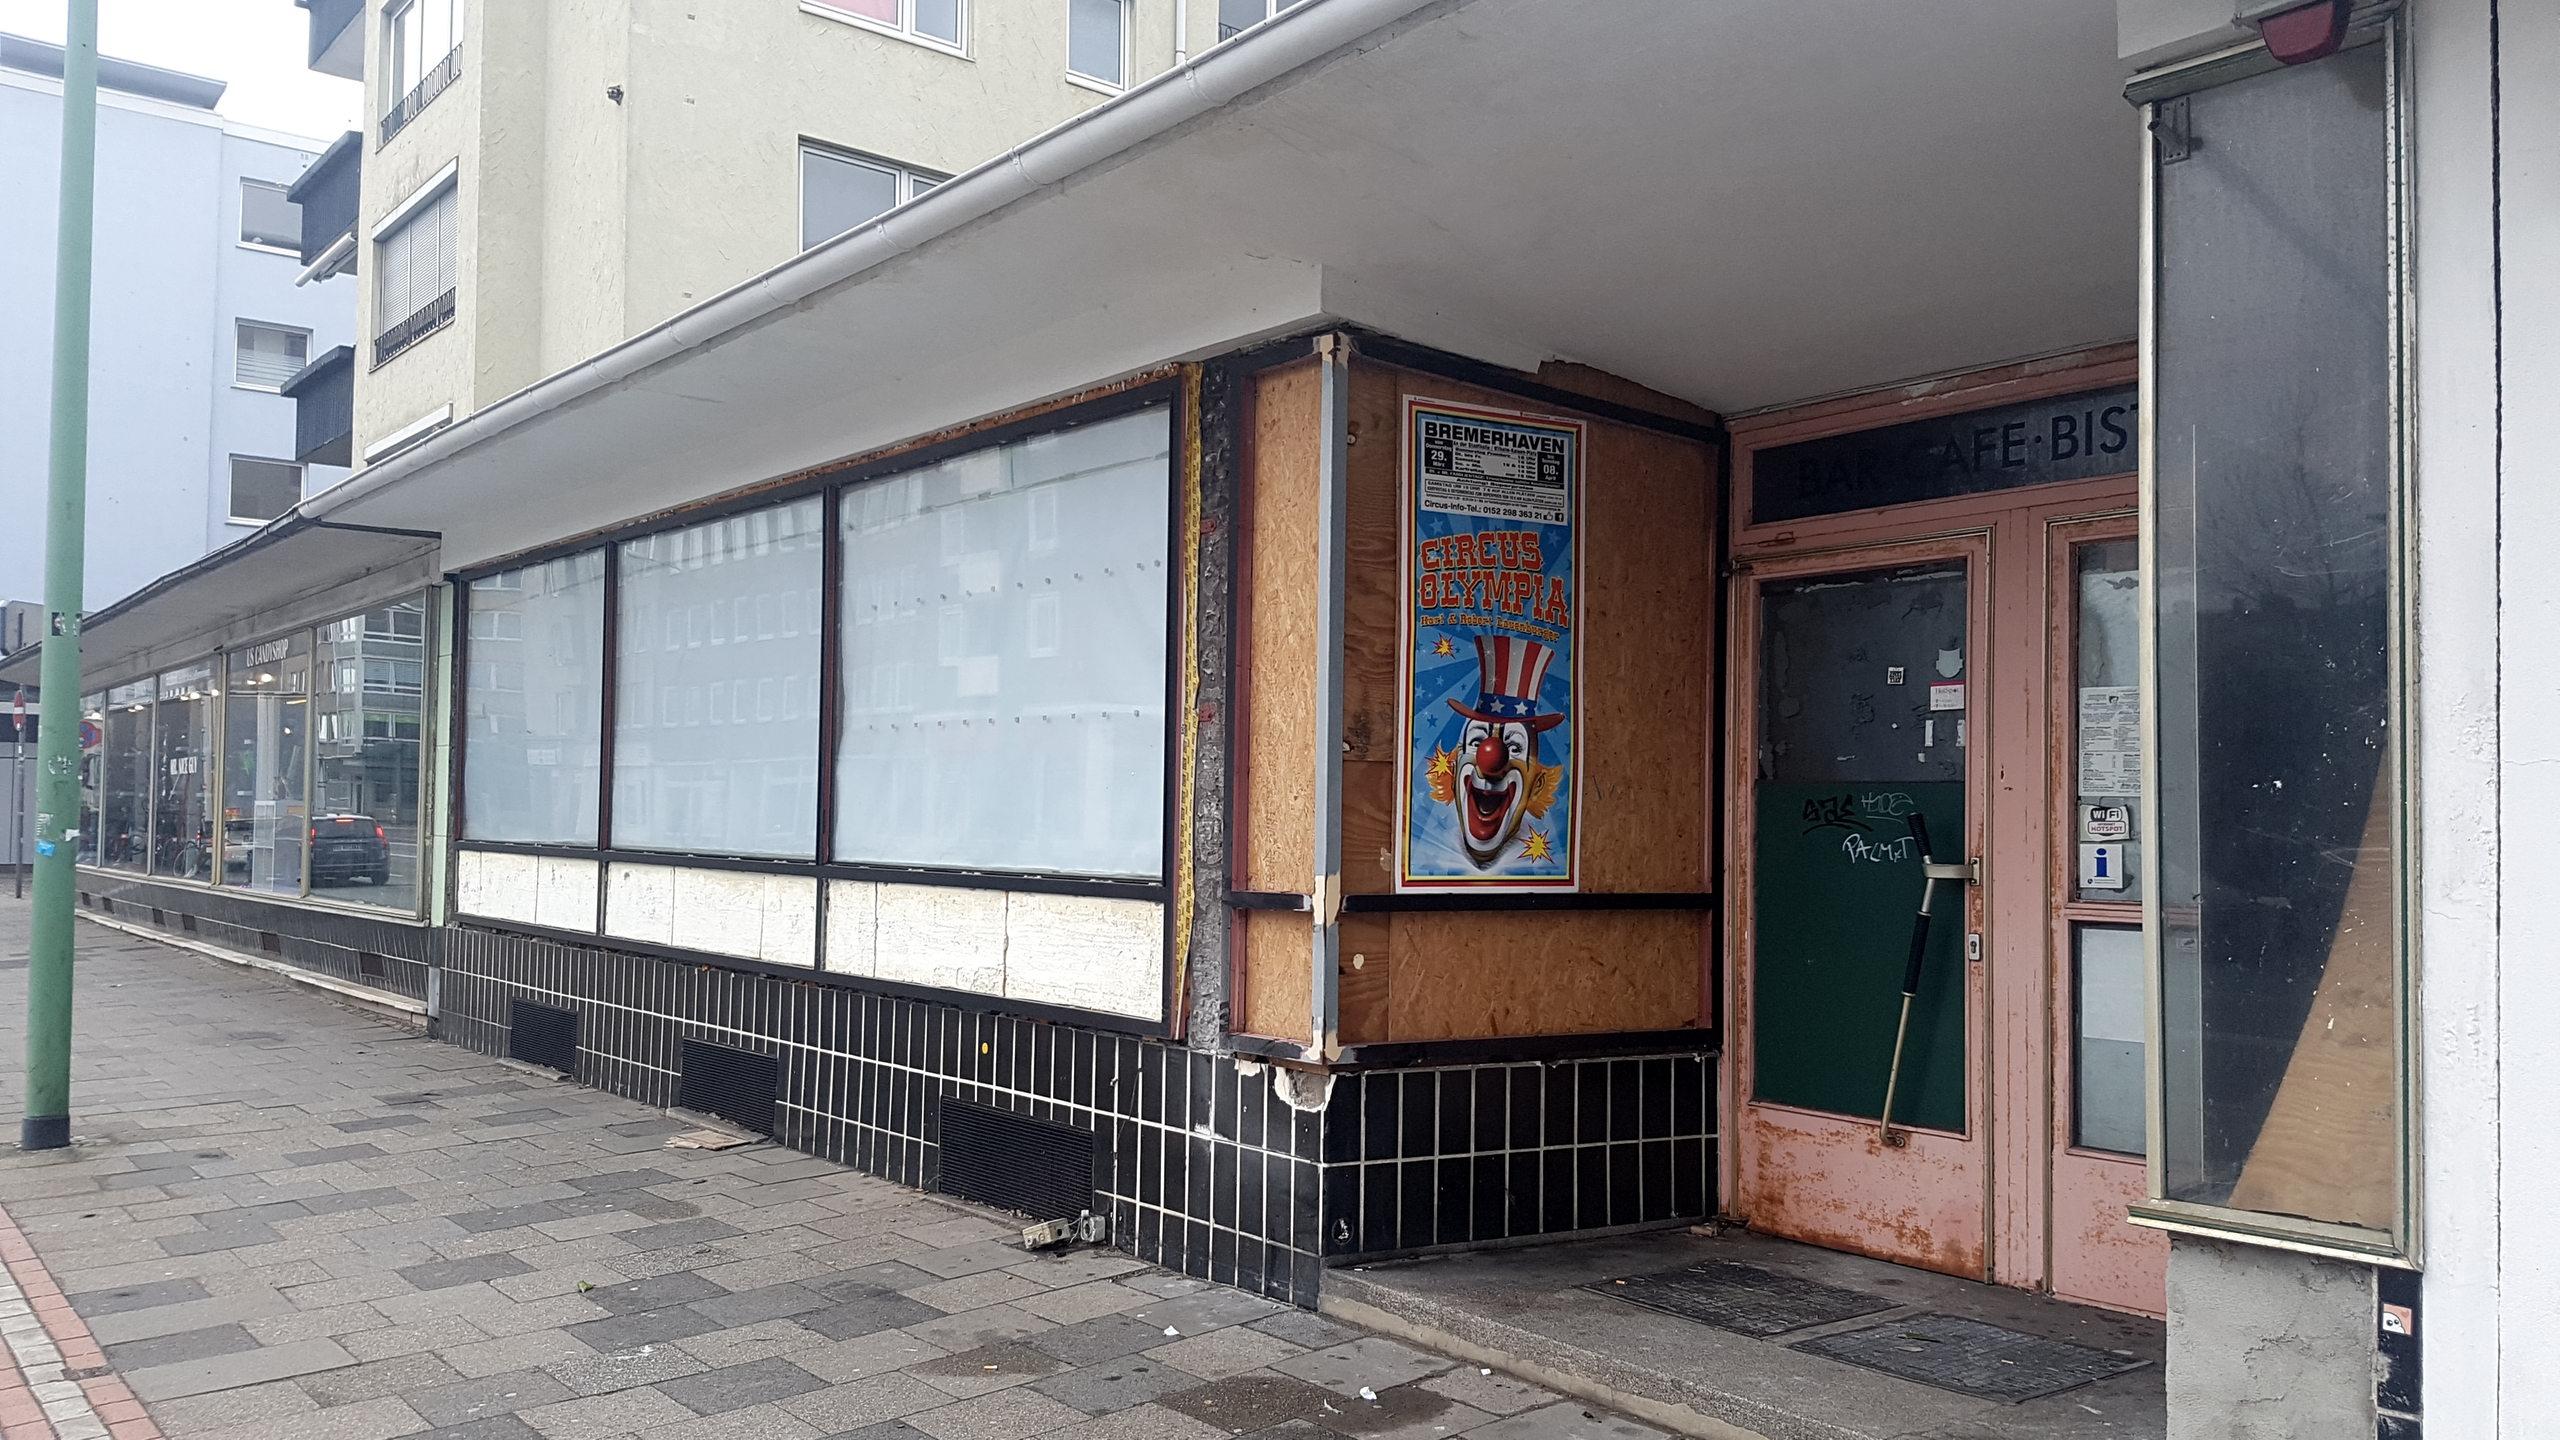 Sanierung oder verfall f nfziger bauten in bremerhaven buten un binnen - Architektur bremerhaven ...